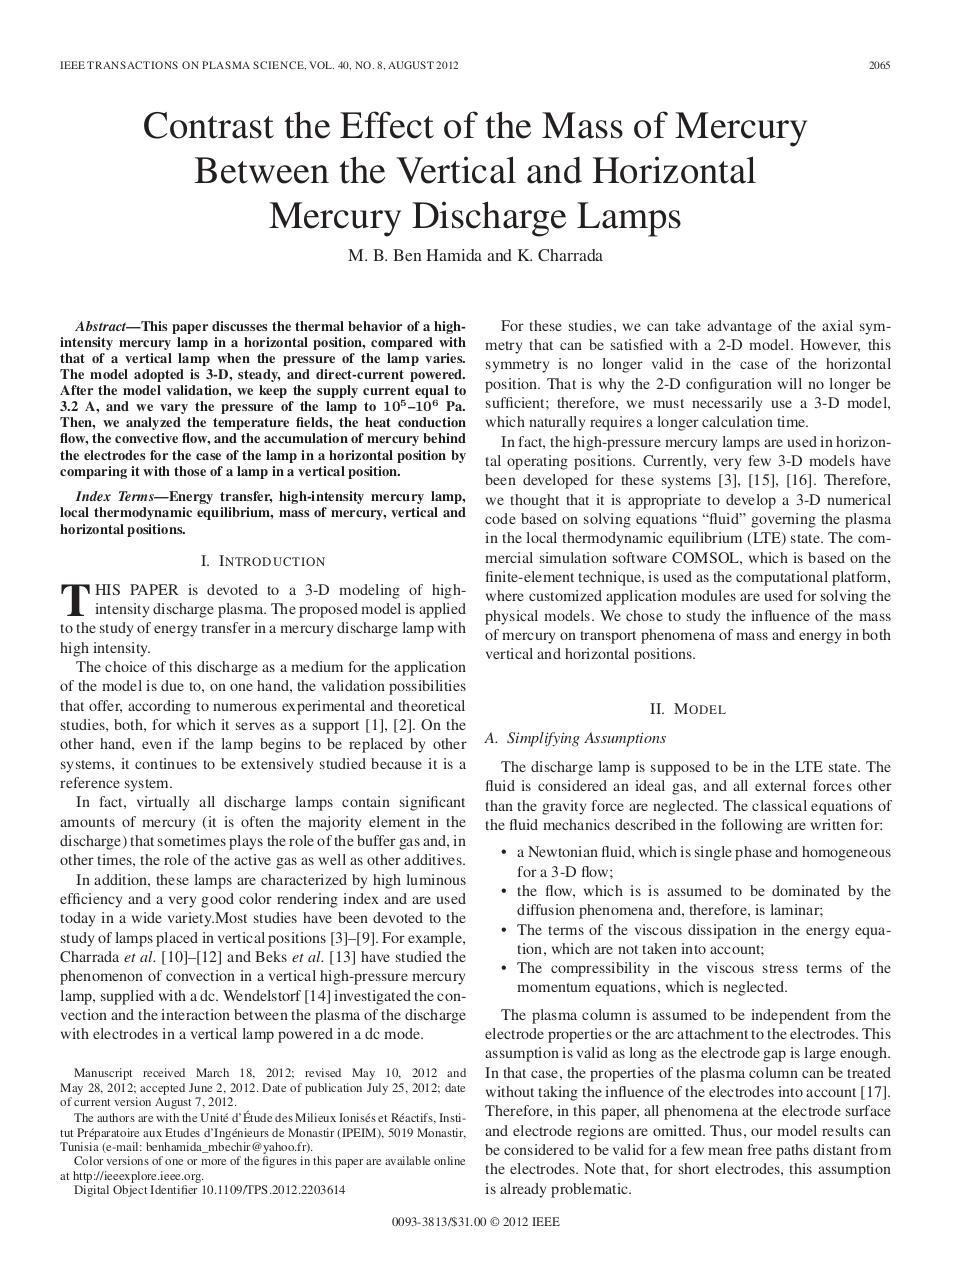 nutrition content articles 2013 pdf